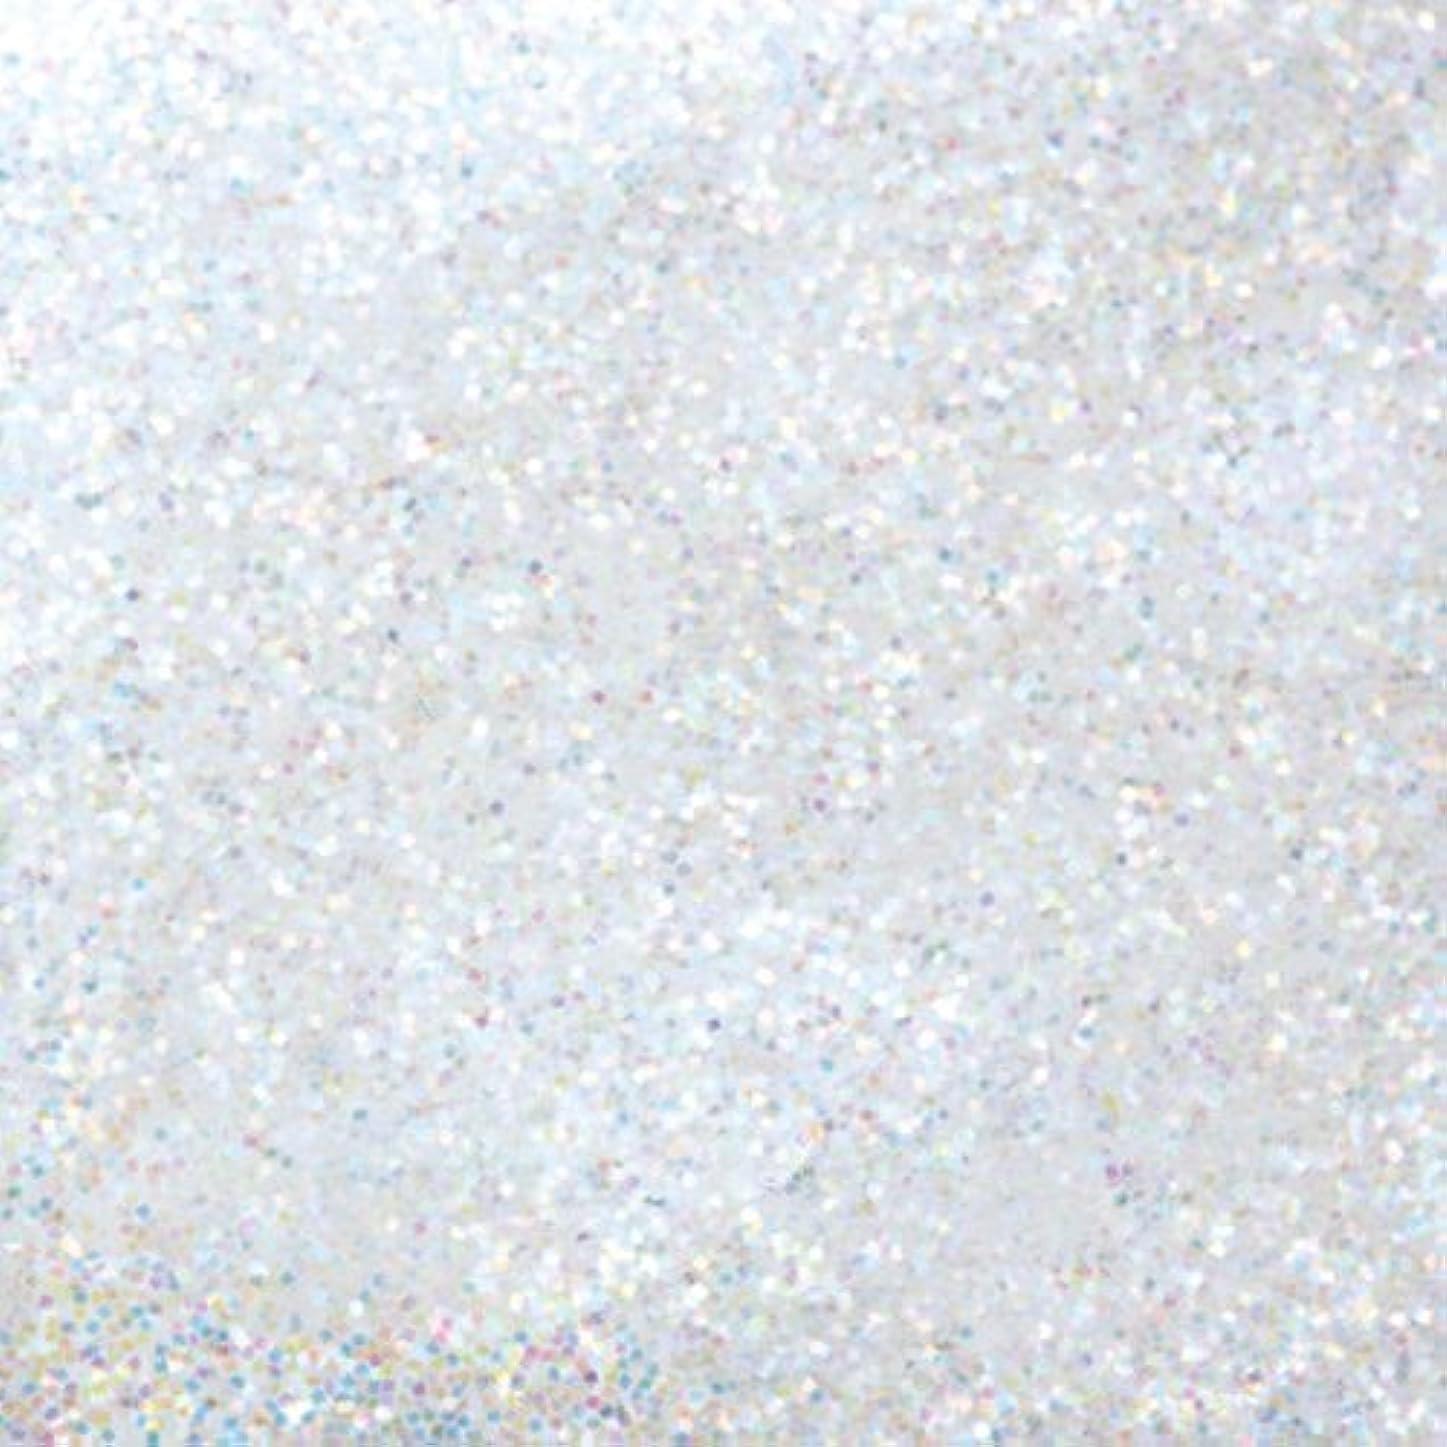 キャプション王室メーターピカエース ネイル用パウダー ピカエース ラメカラーレインボー S #400 ホワイト 0.7g アート材